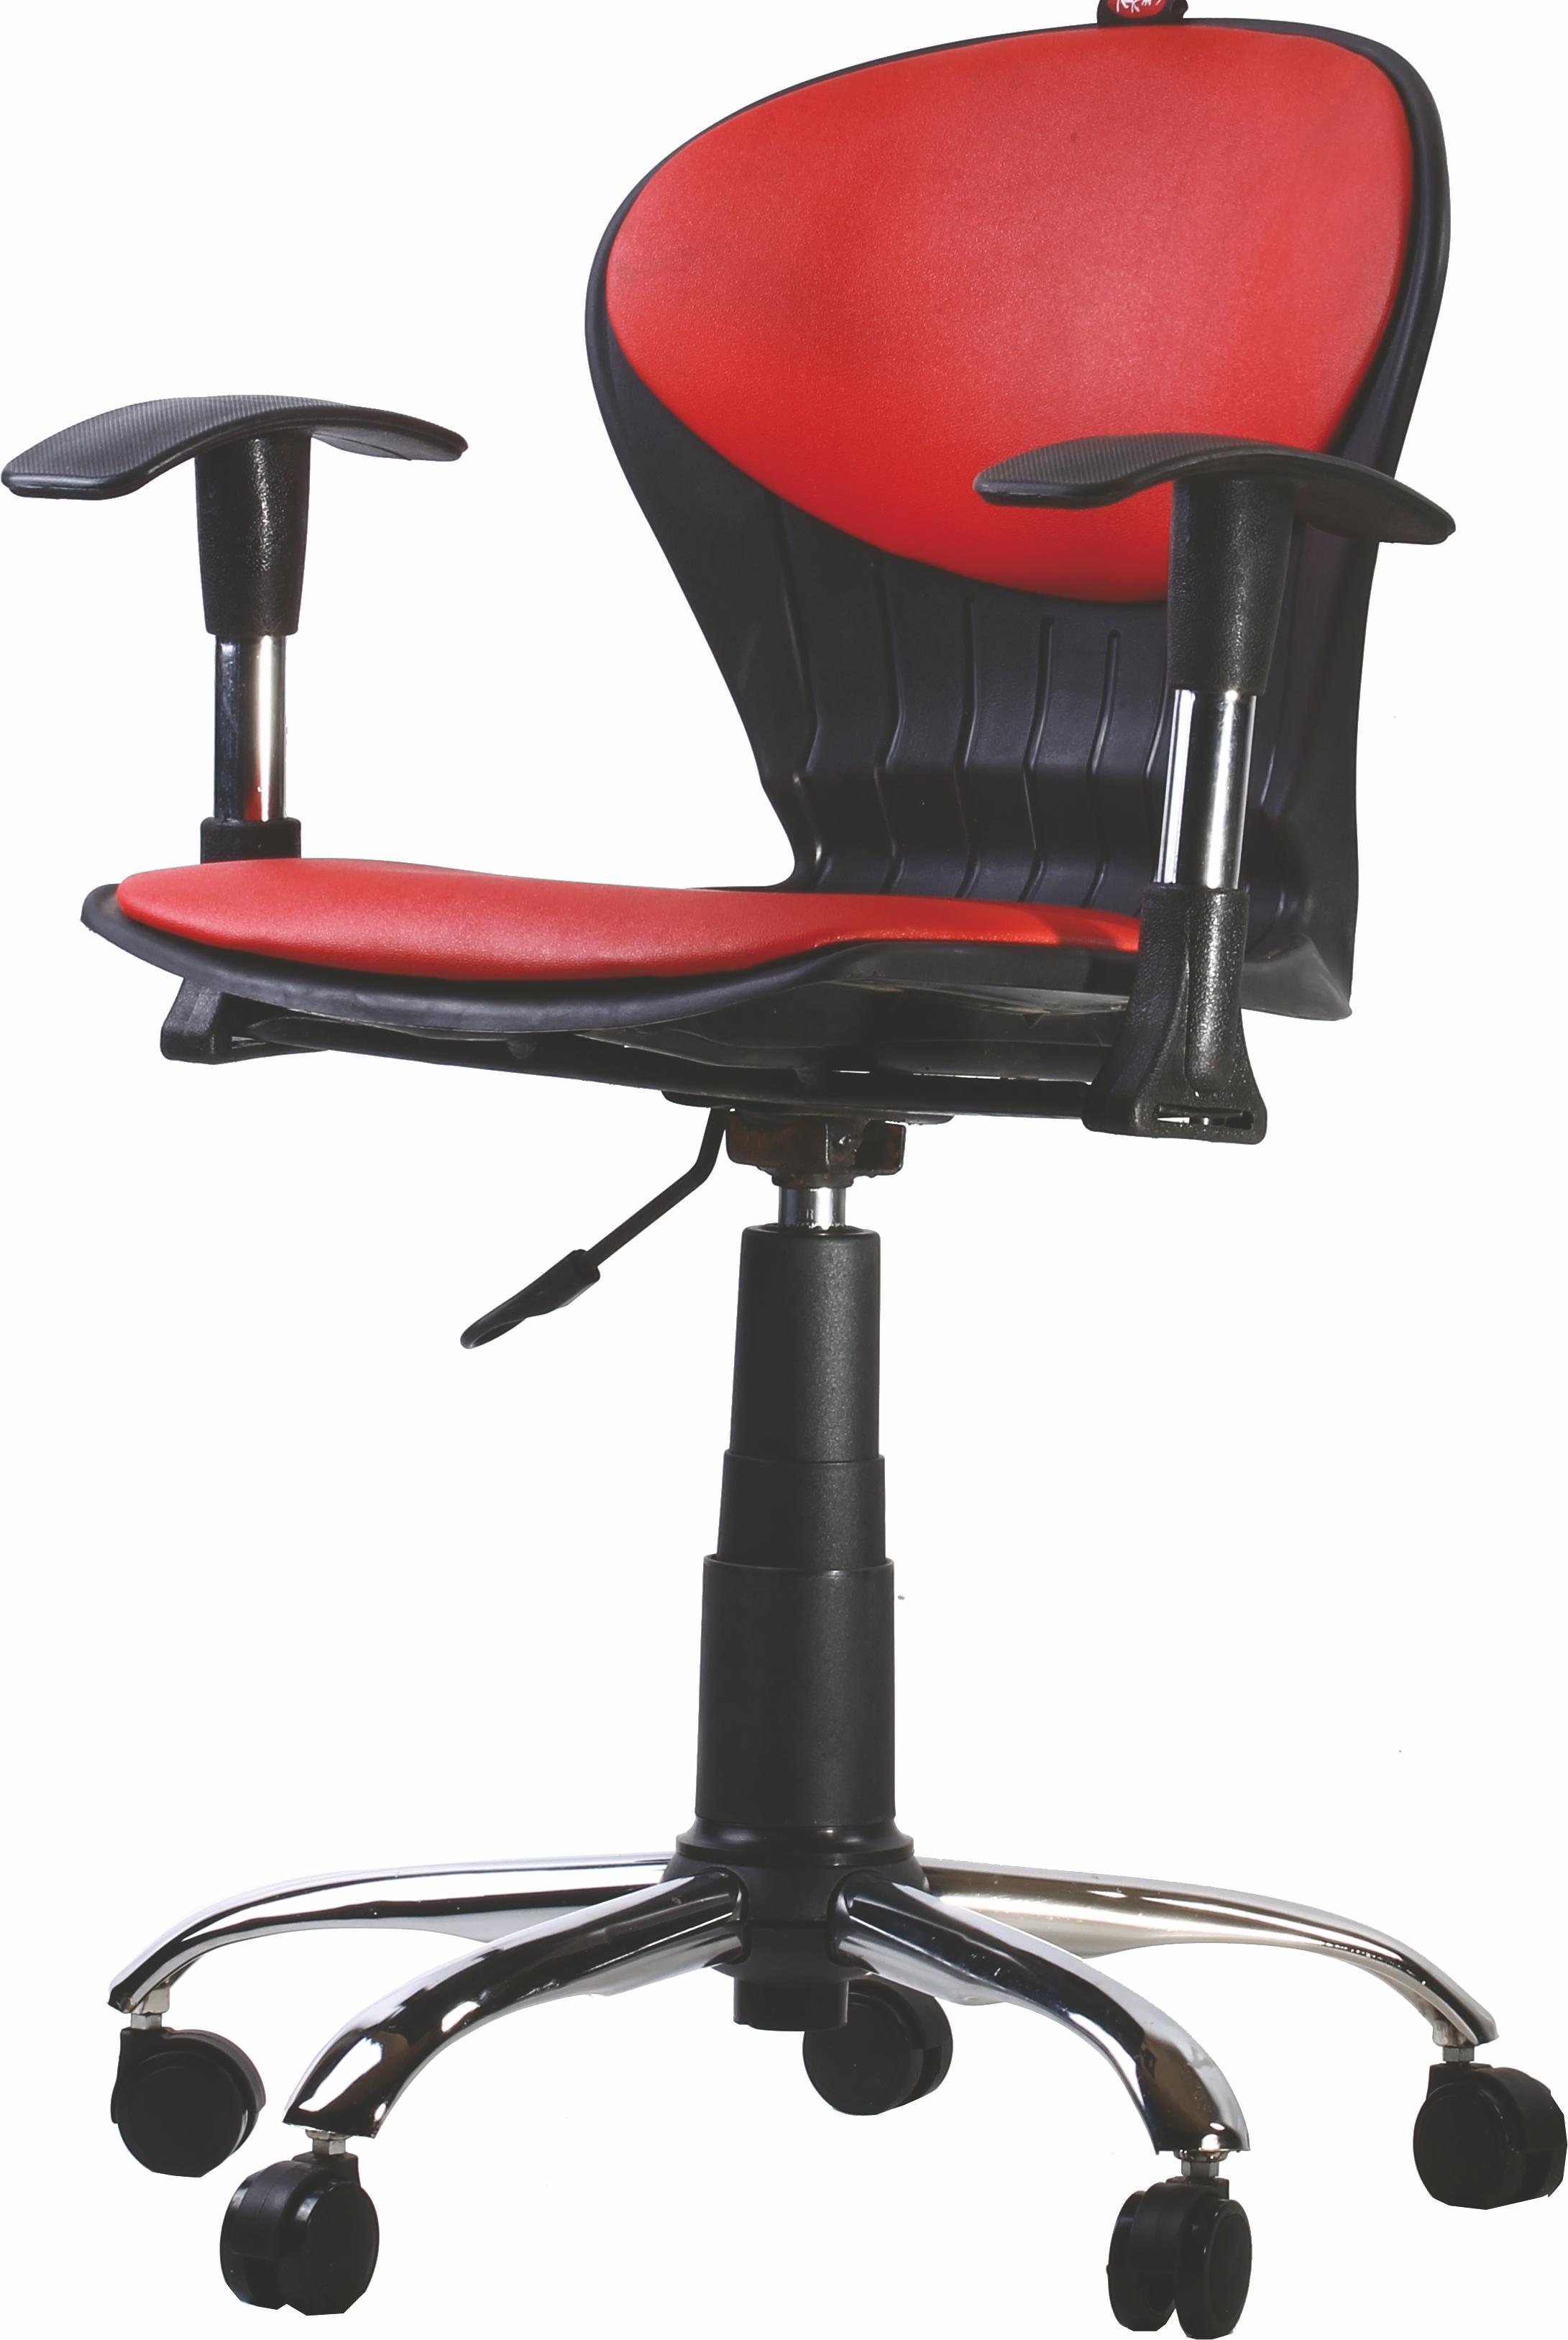 صندلی کامپیوتر 122